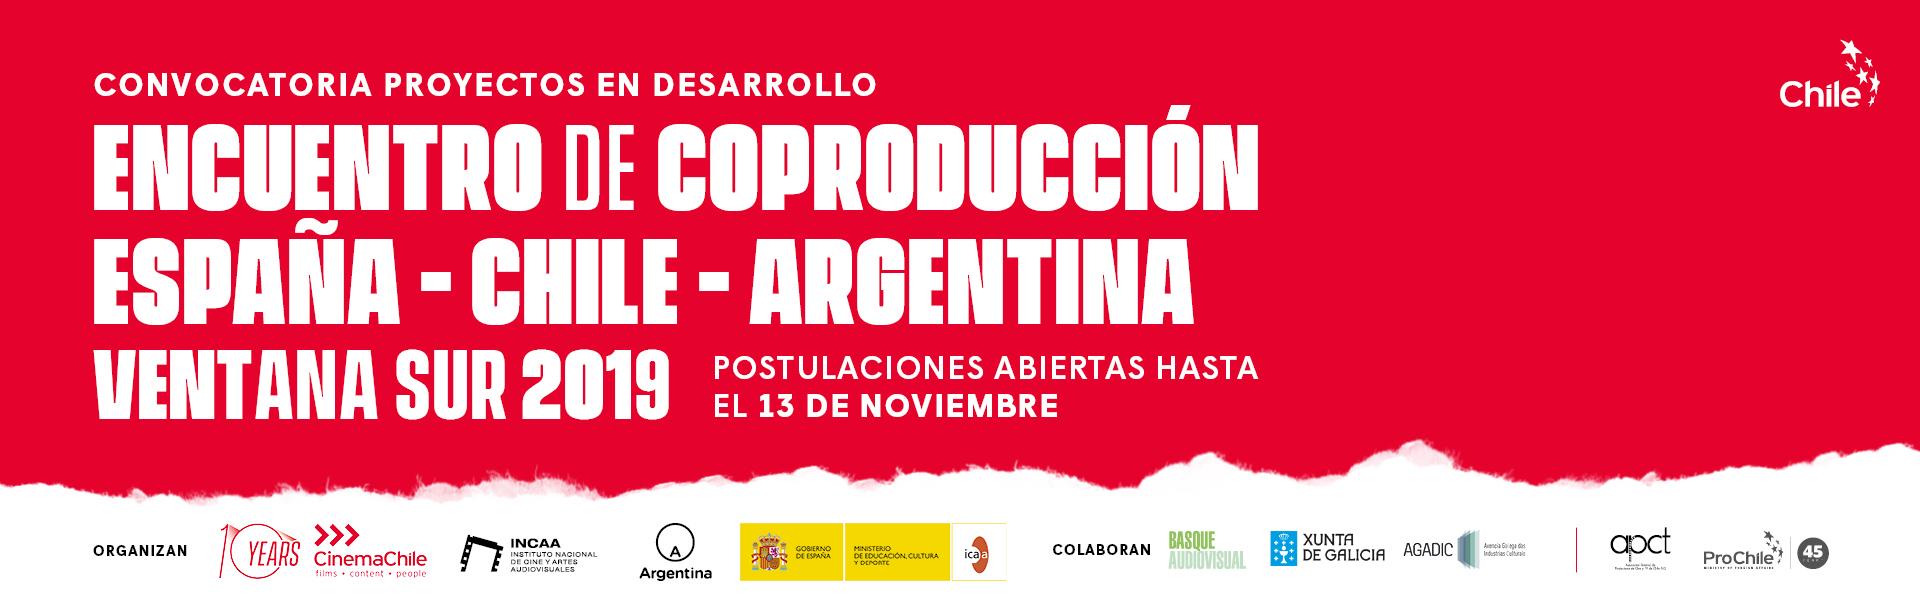 CONVOCATORIA CERRADA //  ENCUENTRO DE COPRODUCCIÓN ENTRE ESPAÑA, CHILE & ARGENTINA EN VENTANA SUR 2019